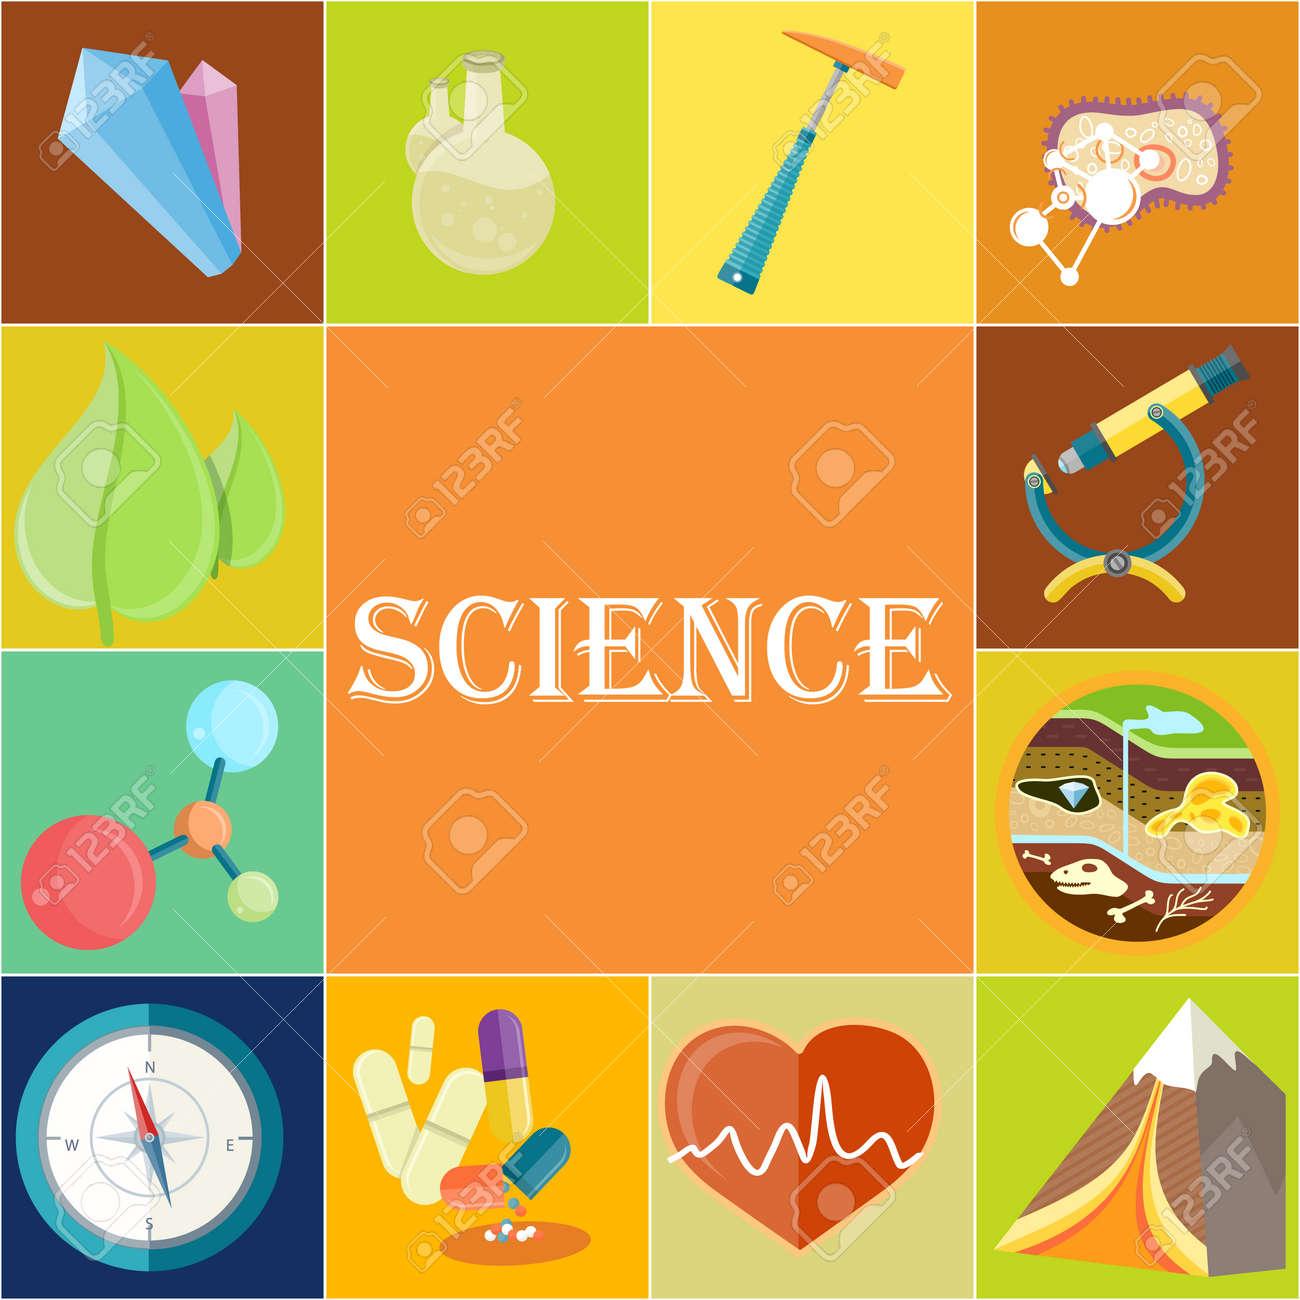 science poster penggambar